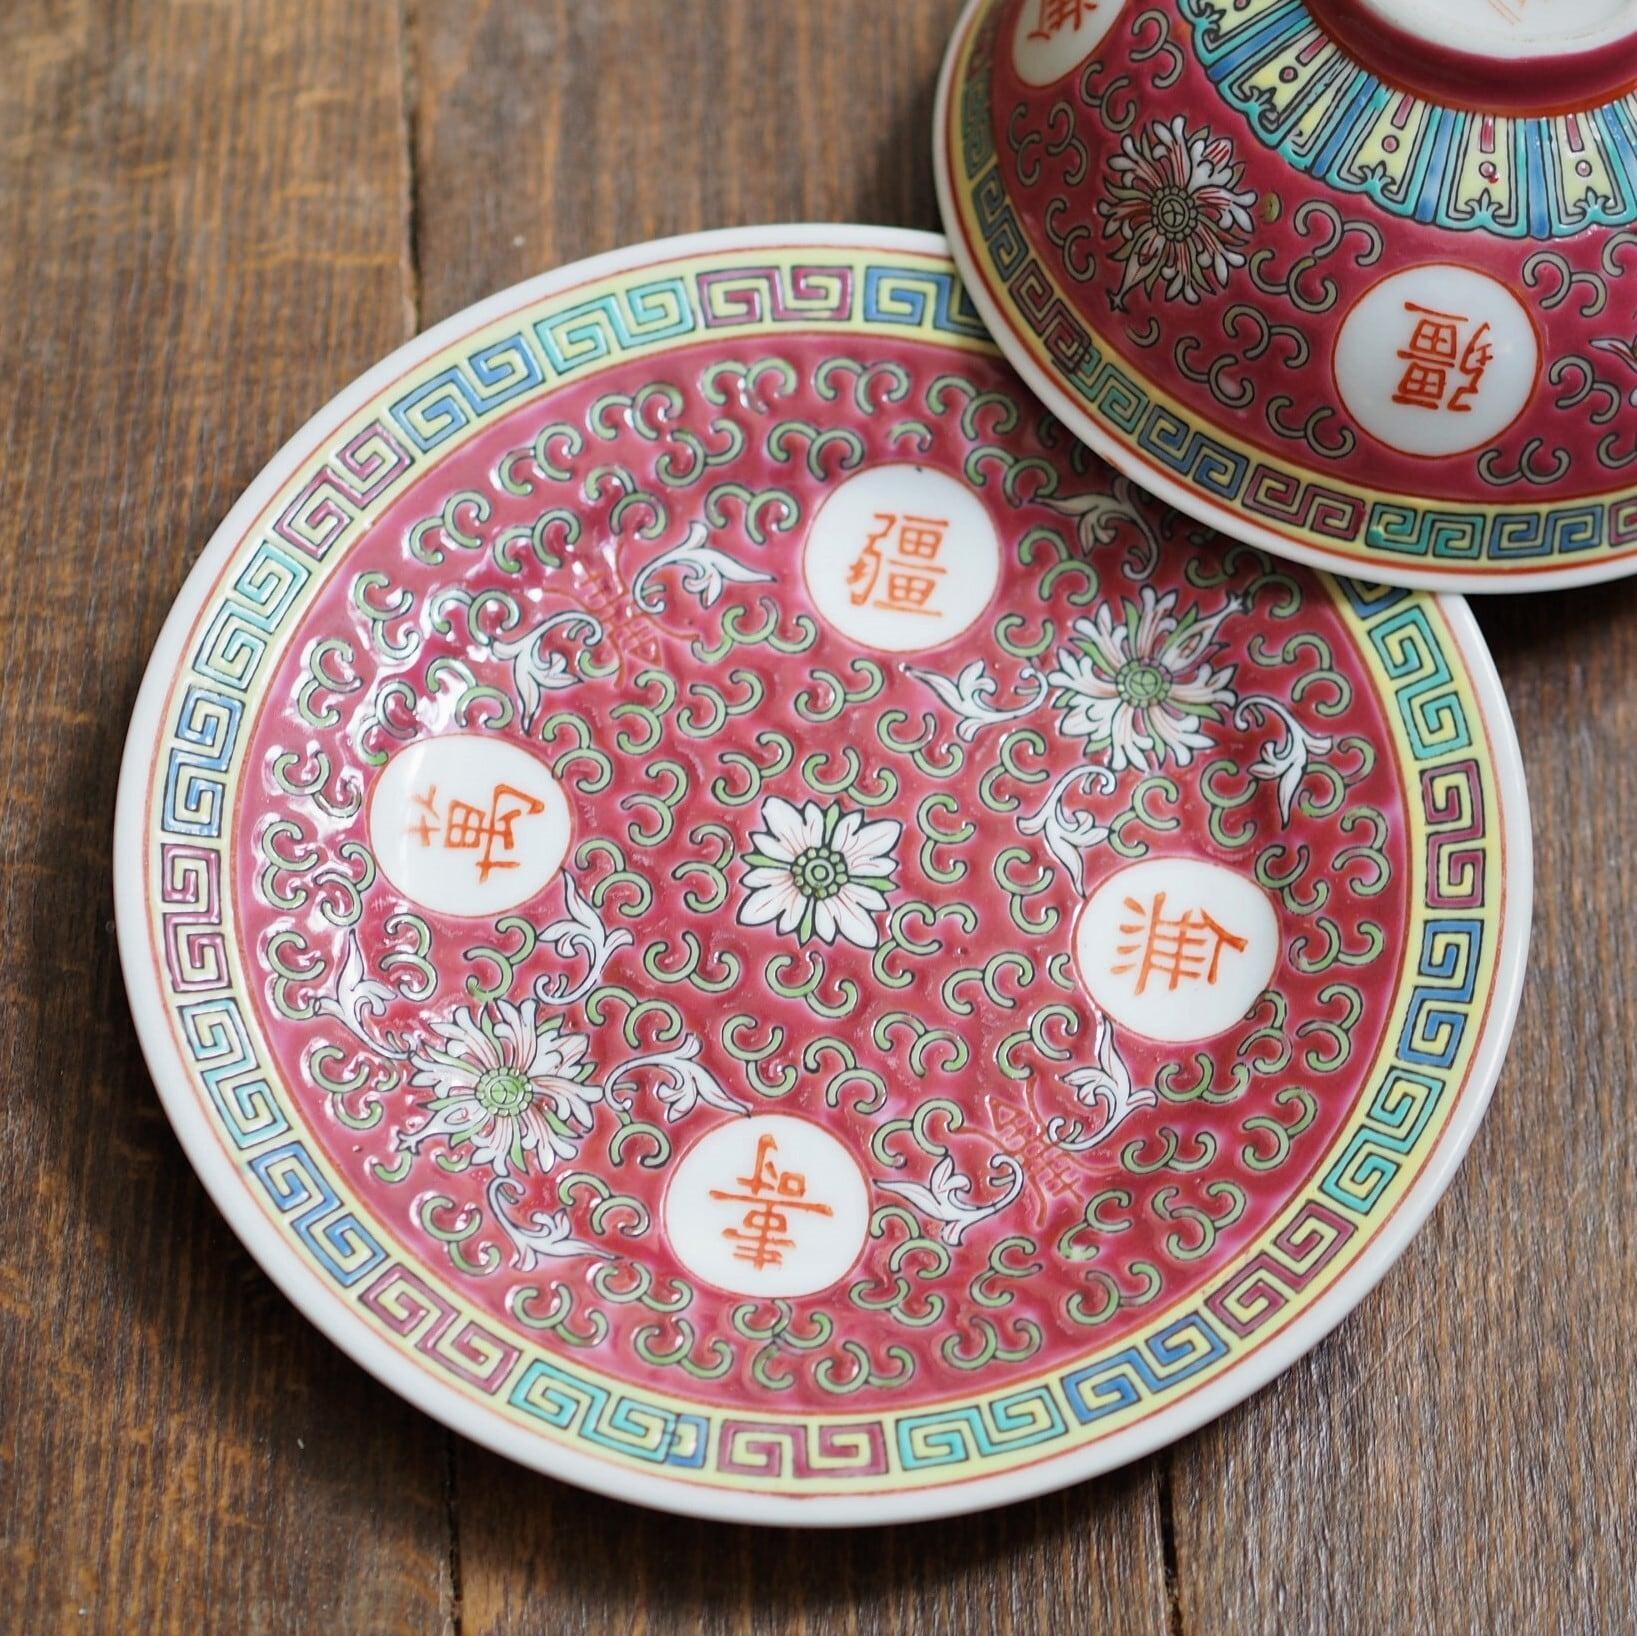 『朱赤の丸皿15センチ―万寿無疆―』景徳鎮